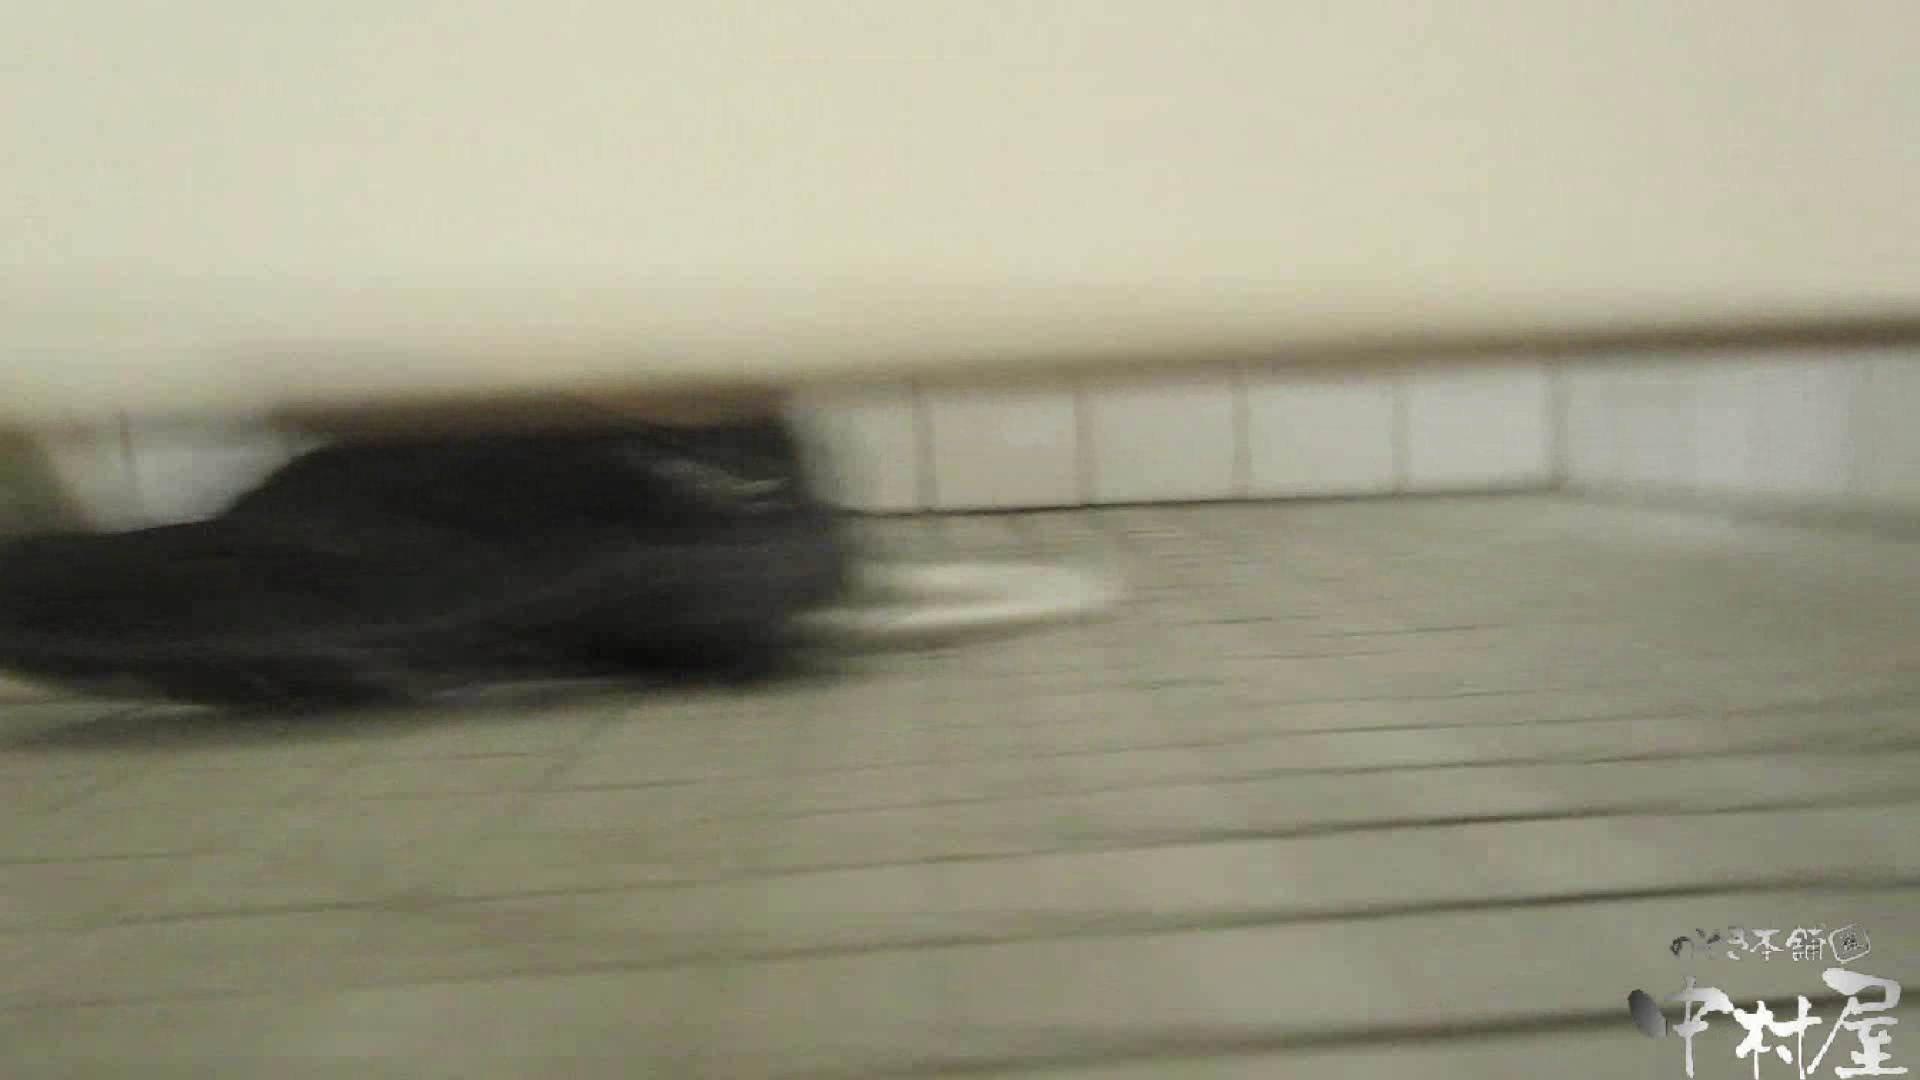 魂のかわや盗撮62連発! 運動靴の女! 37発目! リアル黄金水 | 盗撮  60画像 31